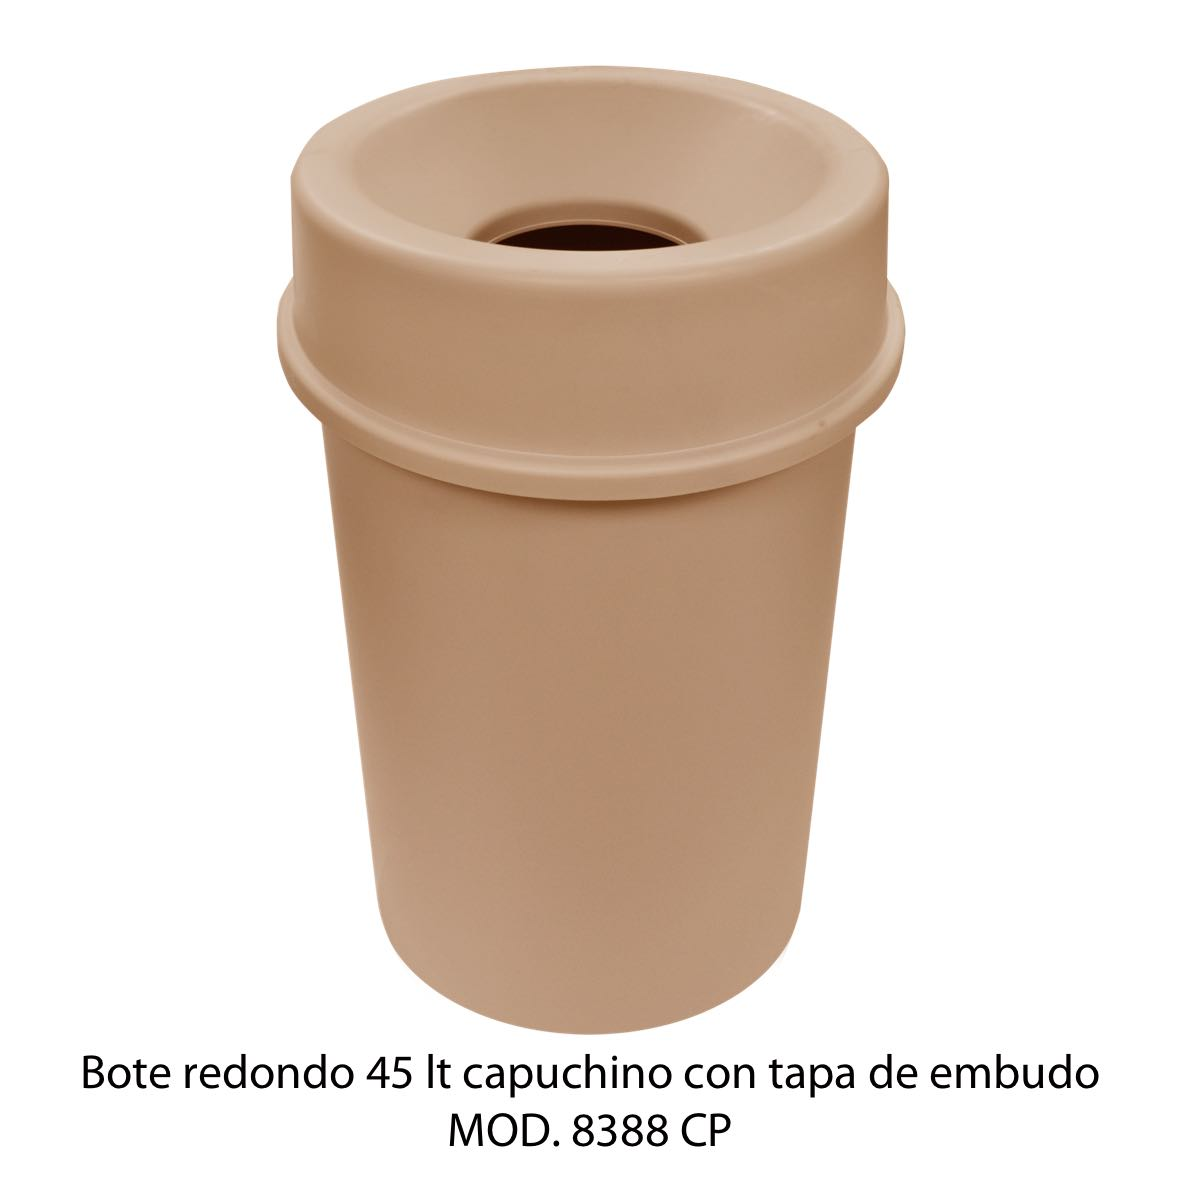 Bote de basura redondo 45 litros con tapa de embudo color capuchino modelo 8388 CP Sablón